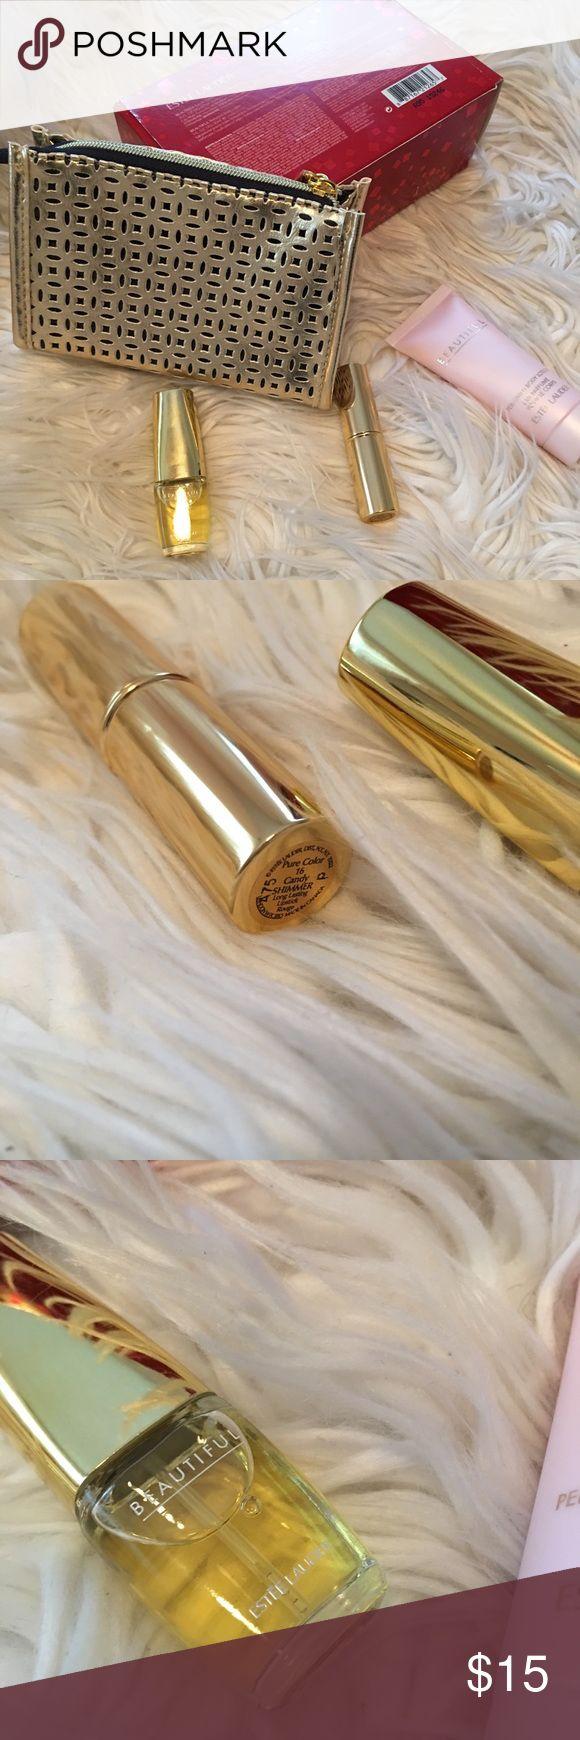 Estée Lauder gift set nwot Estée Lauder gift set Estee Lauder Makeup Lipstick